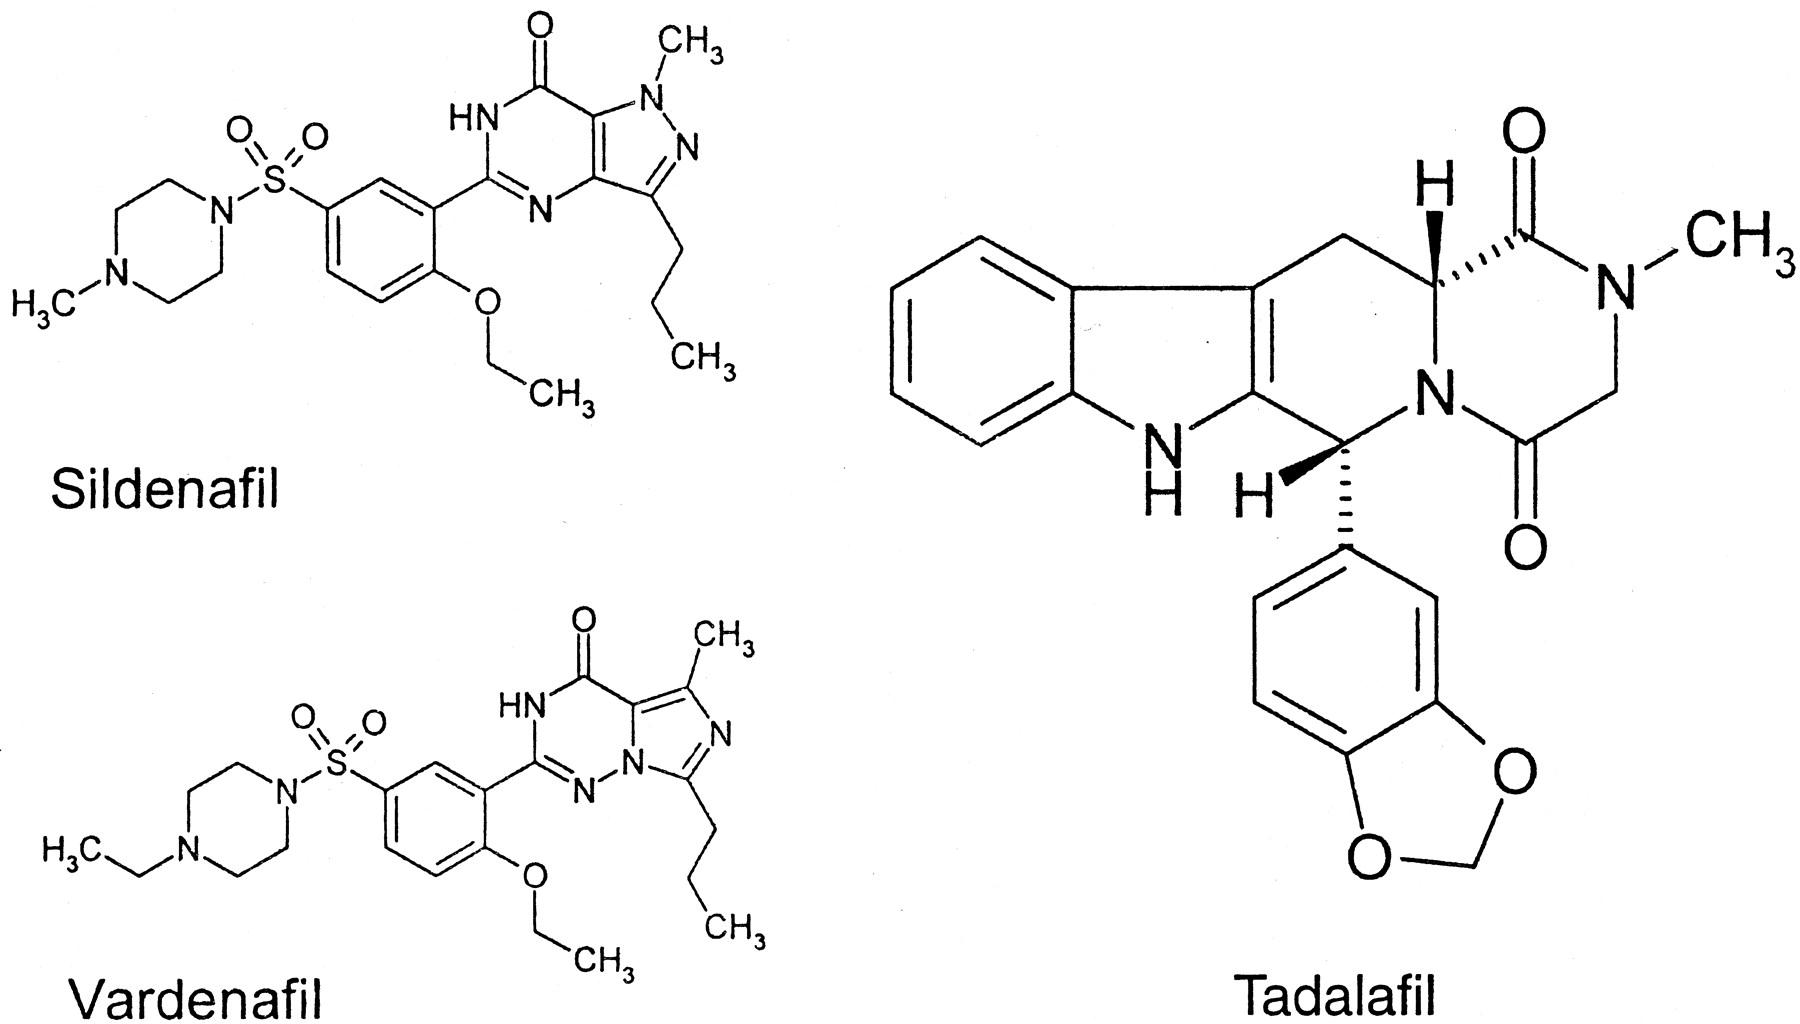 Jämförelse av Sildenafil, Tadalafil och Vardenafil